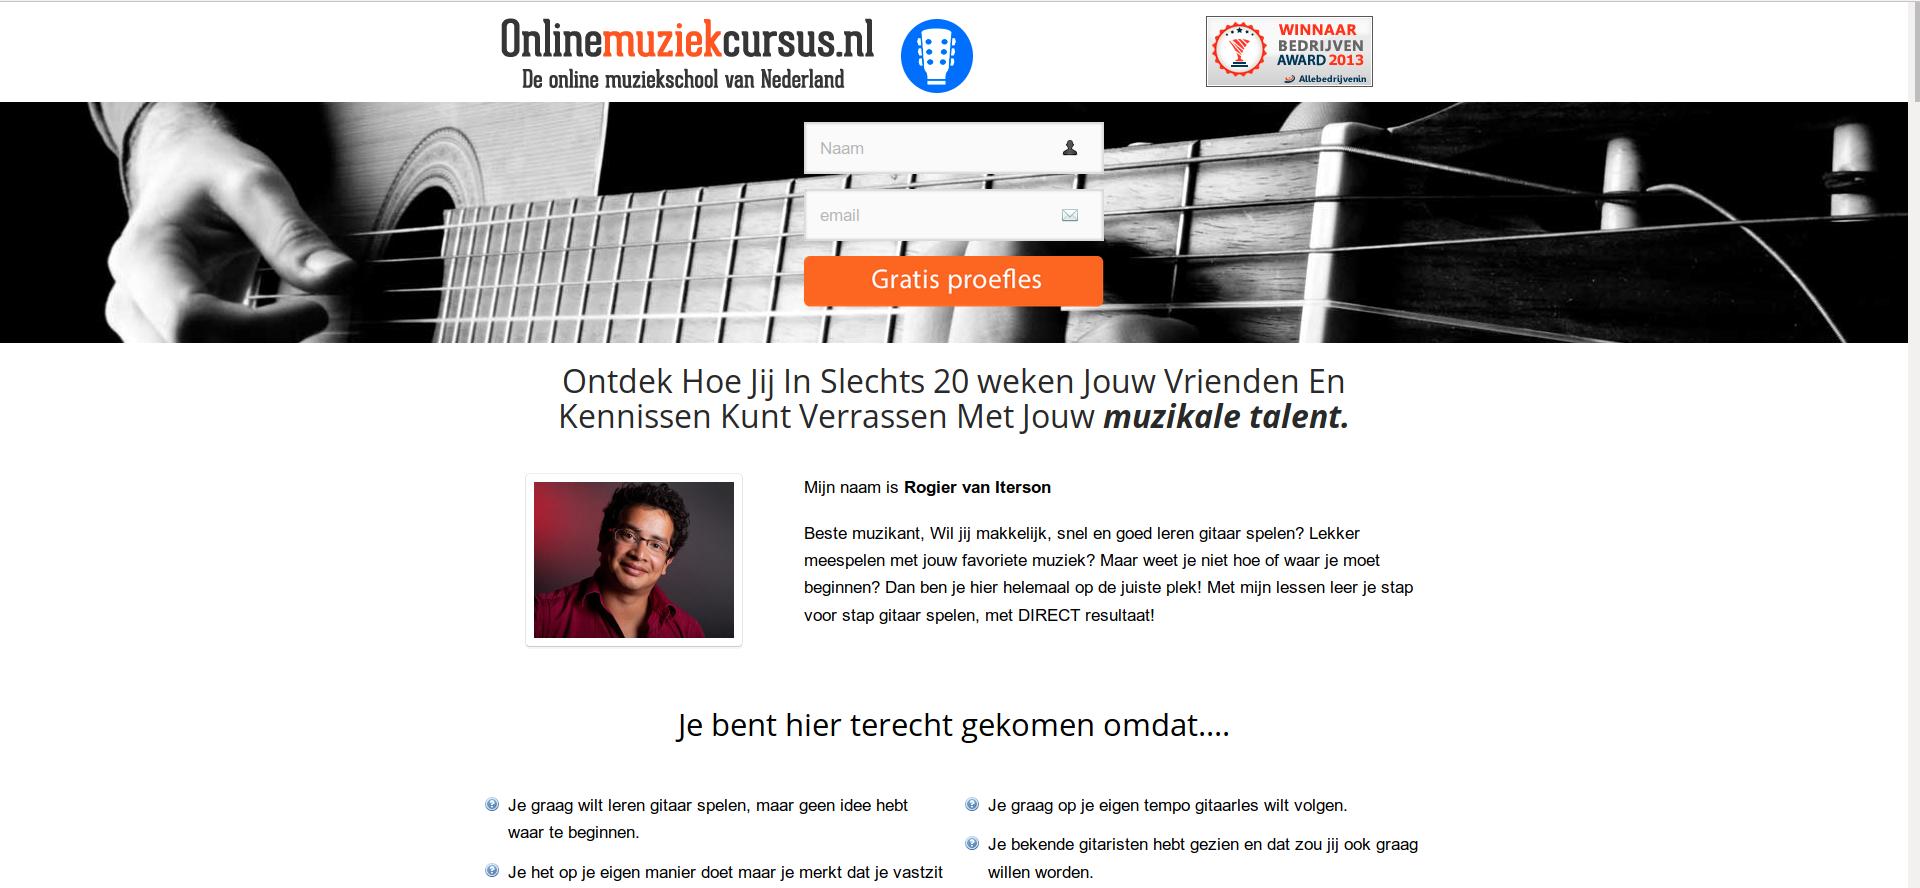 gitaarcursus onlinemuziekcursus.nl